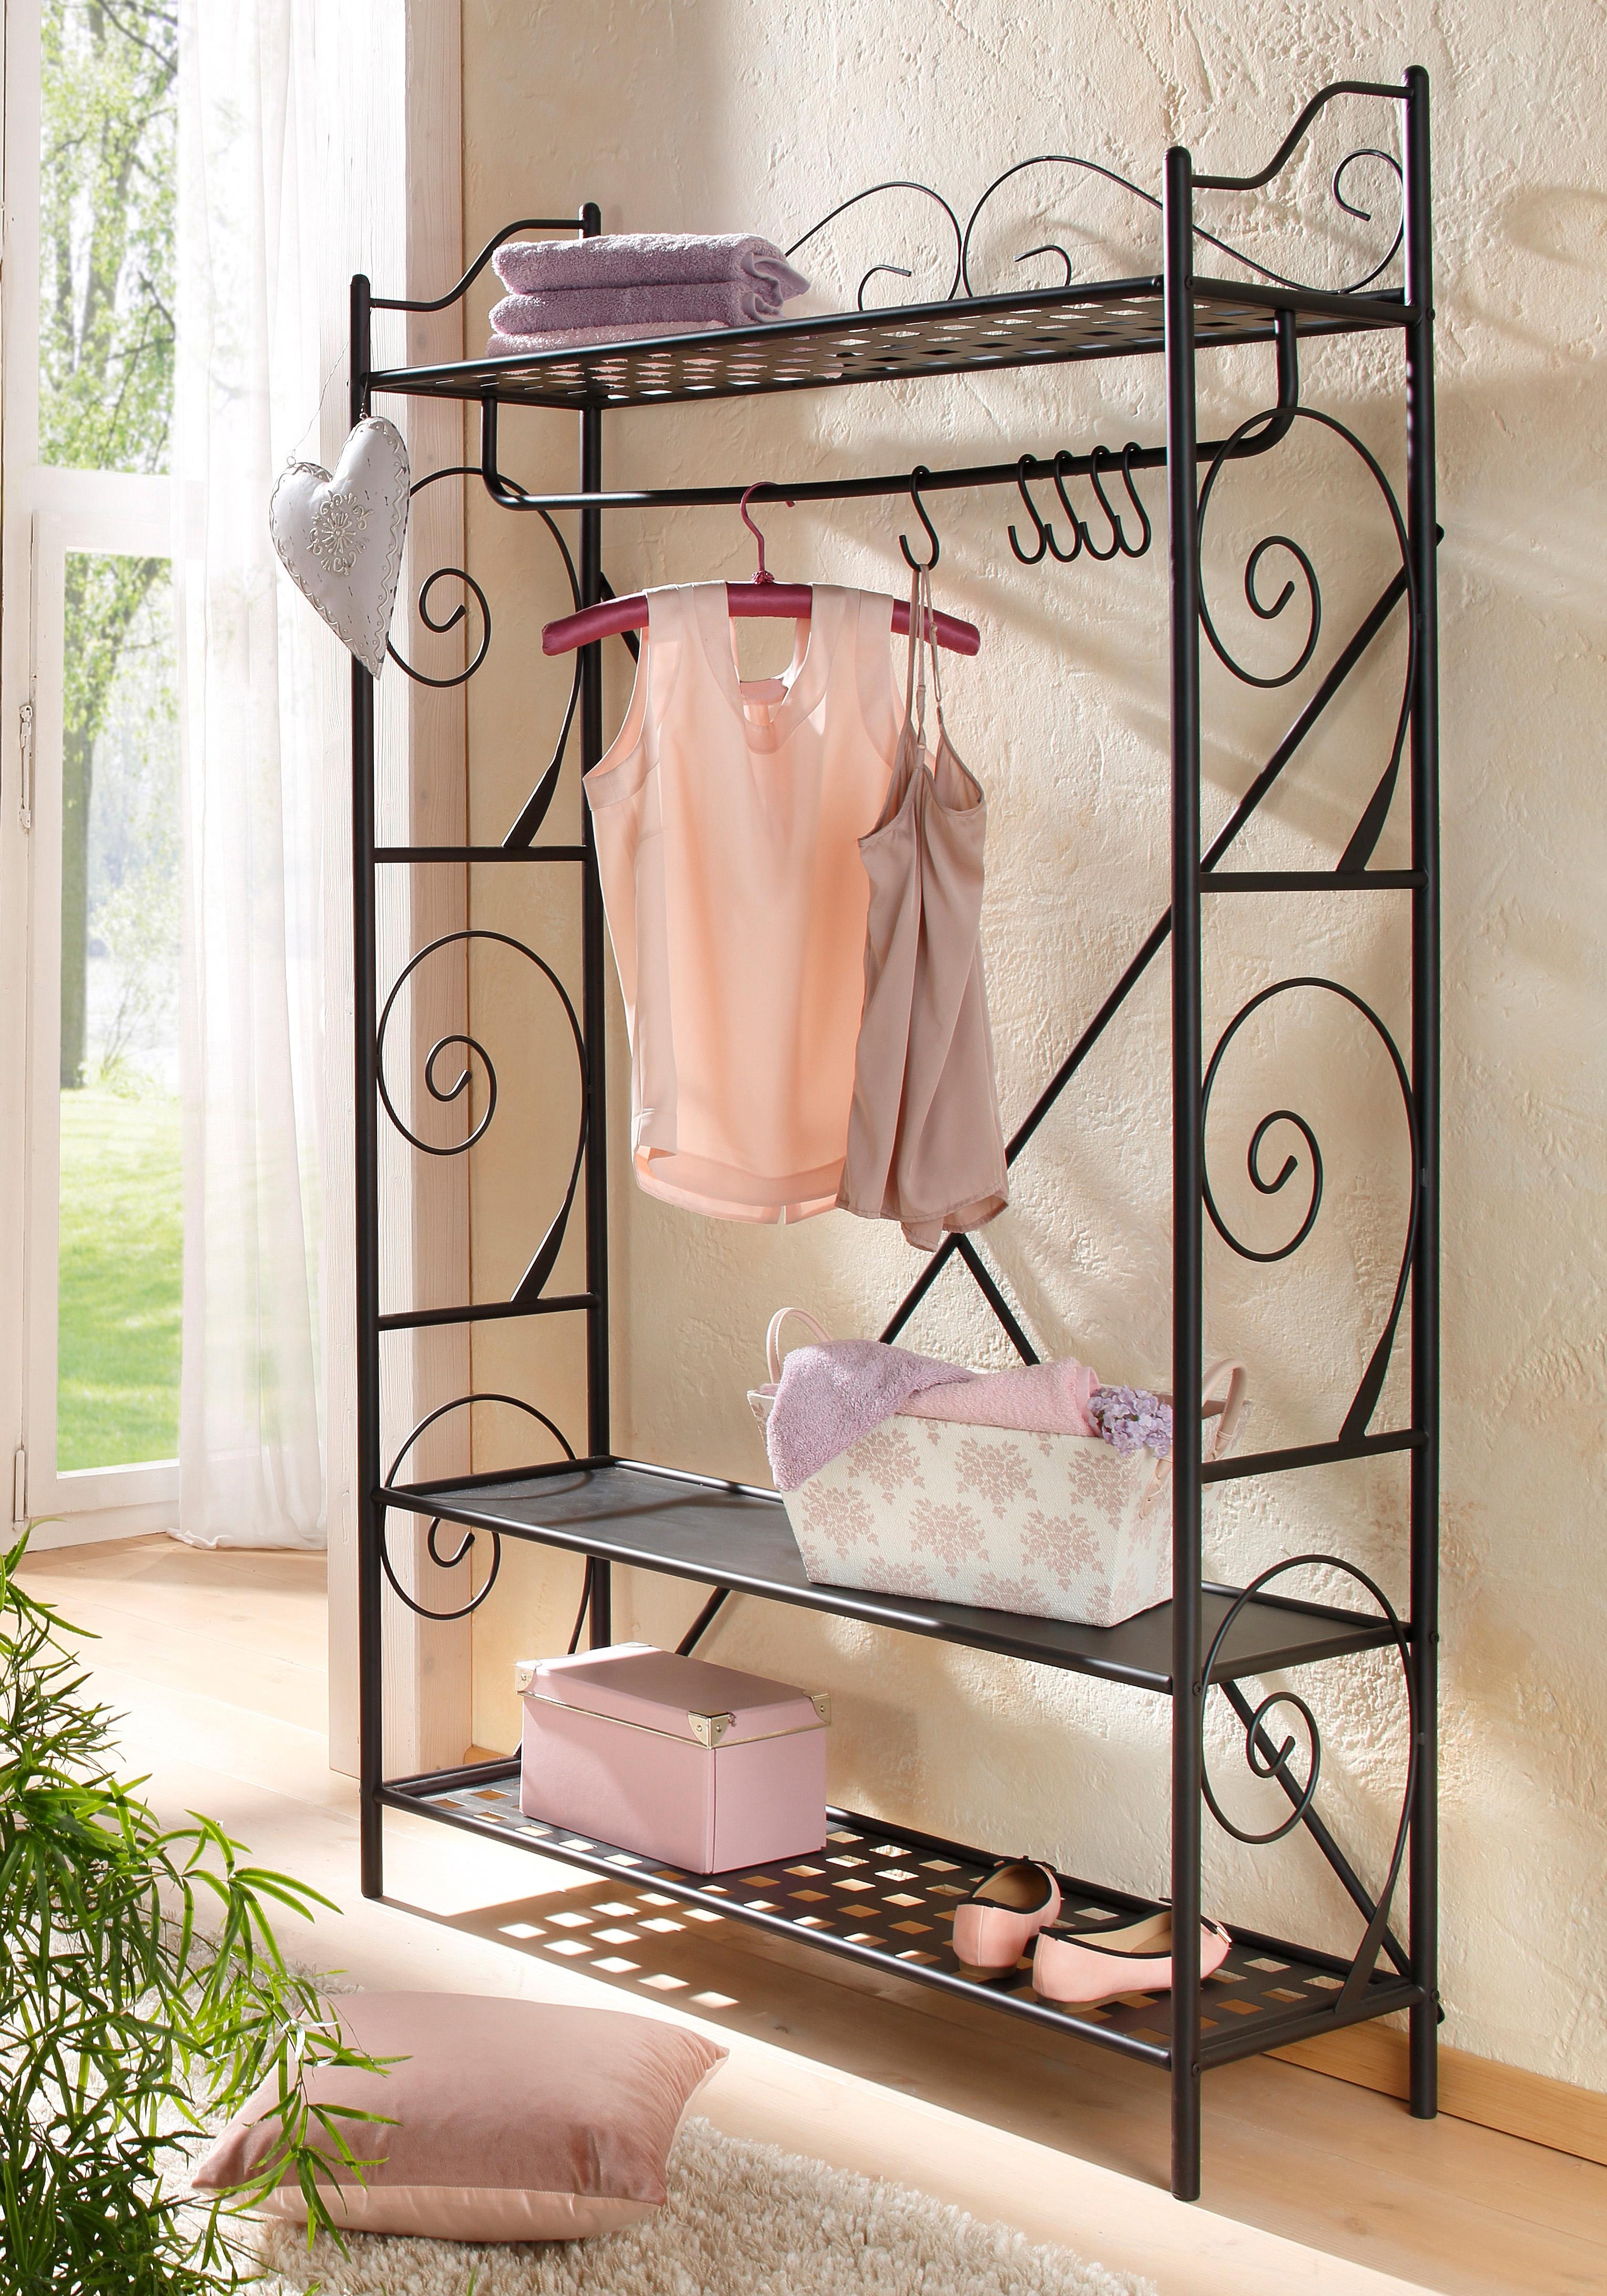 Home affaire Kapstok Princess mooi metalen frame, met chique romantische versieringen, in 2 kleurvarianten bij OTTO online kopen